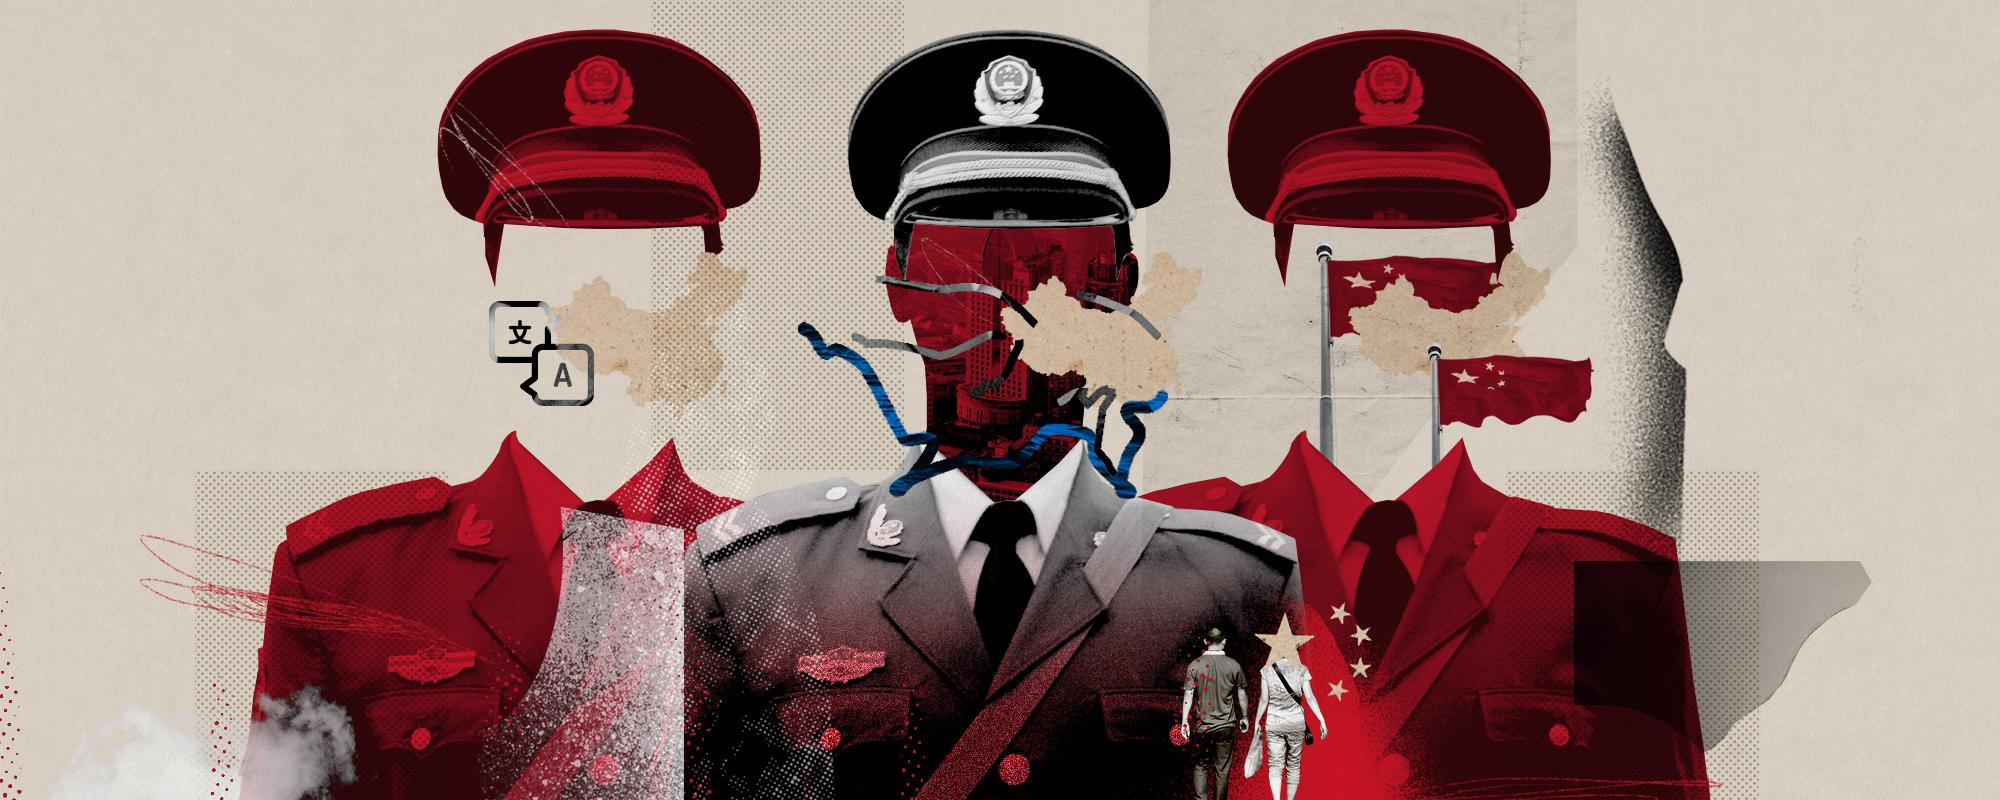 Les limitacions internes en l'ambició de lideratge mundial de la Xina